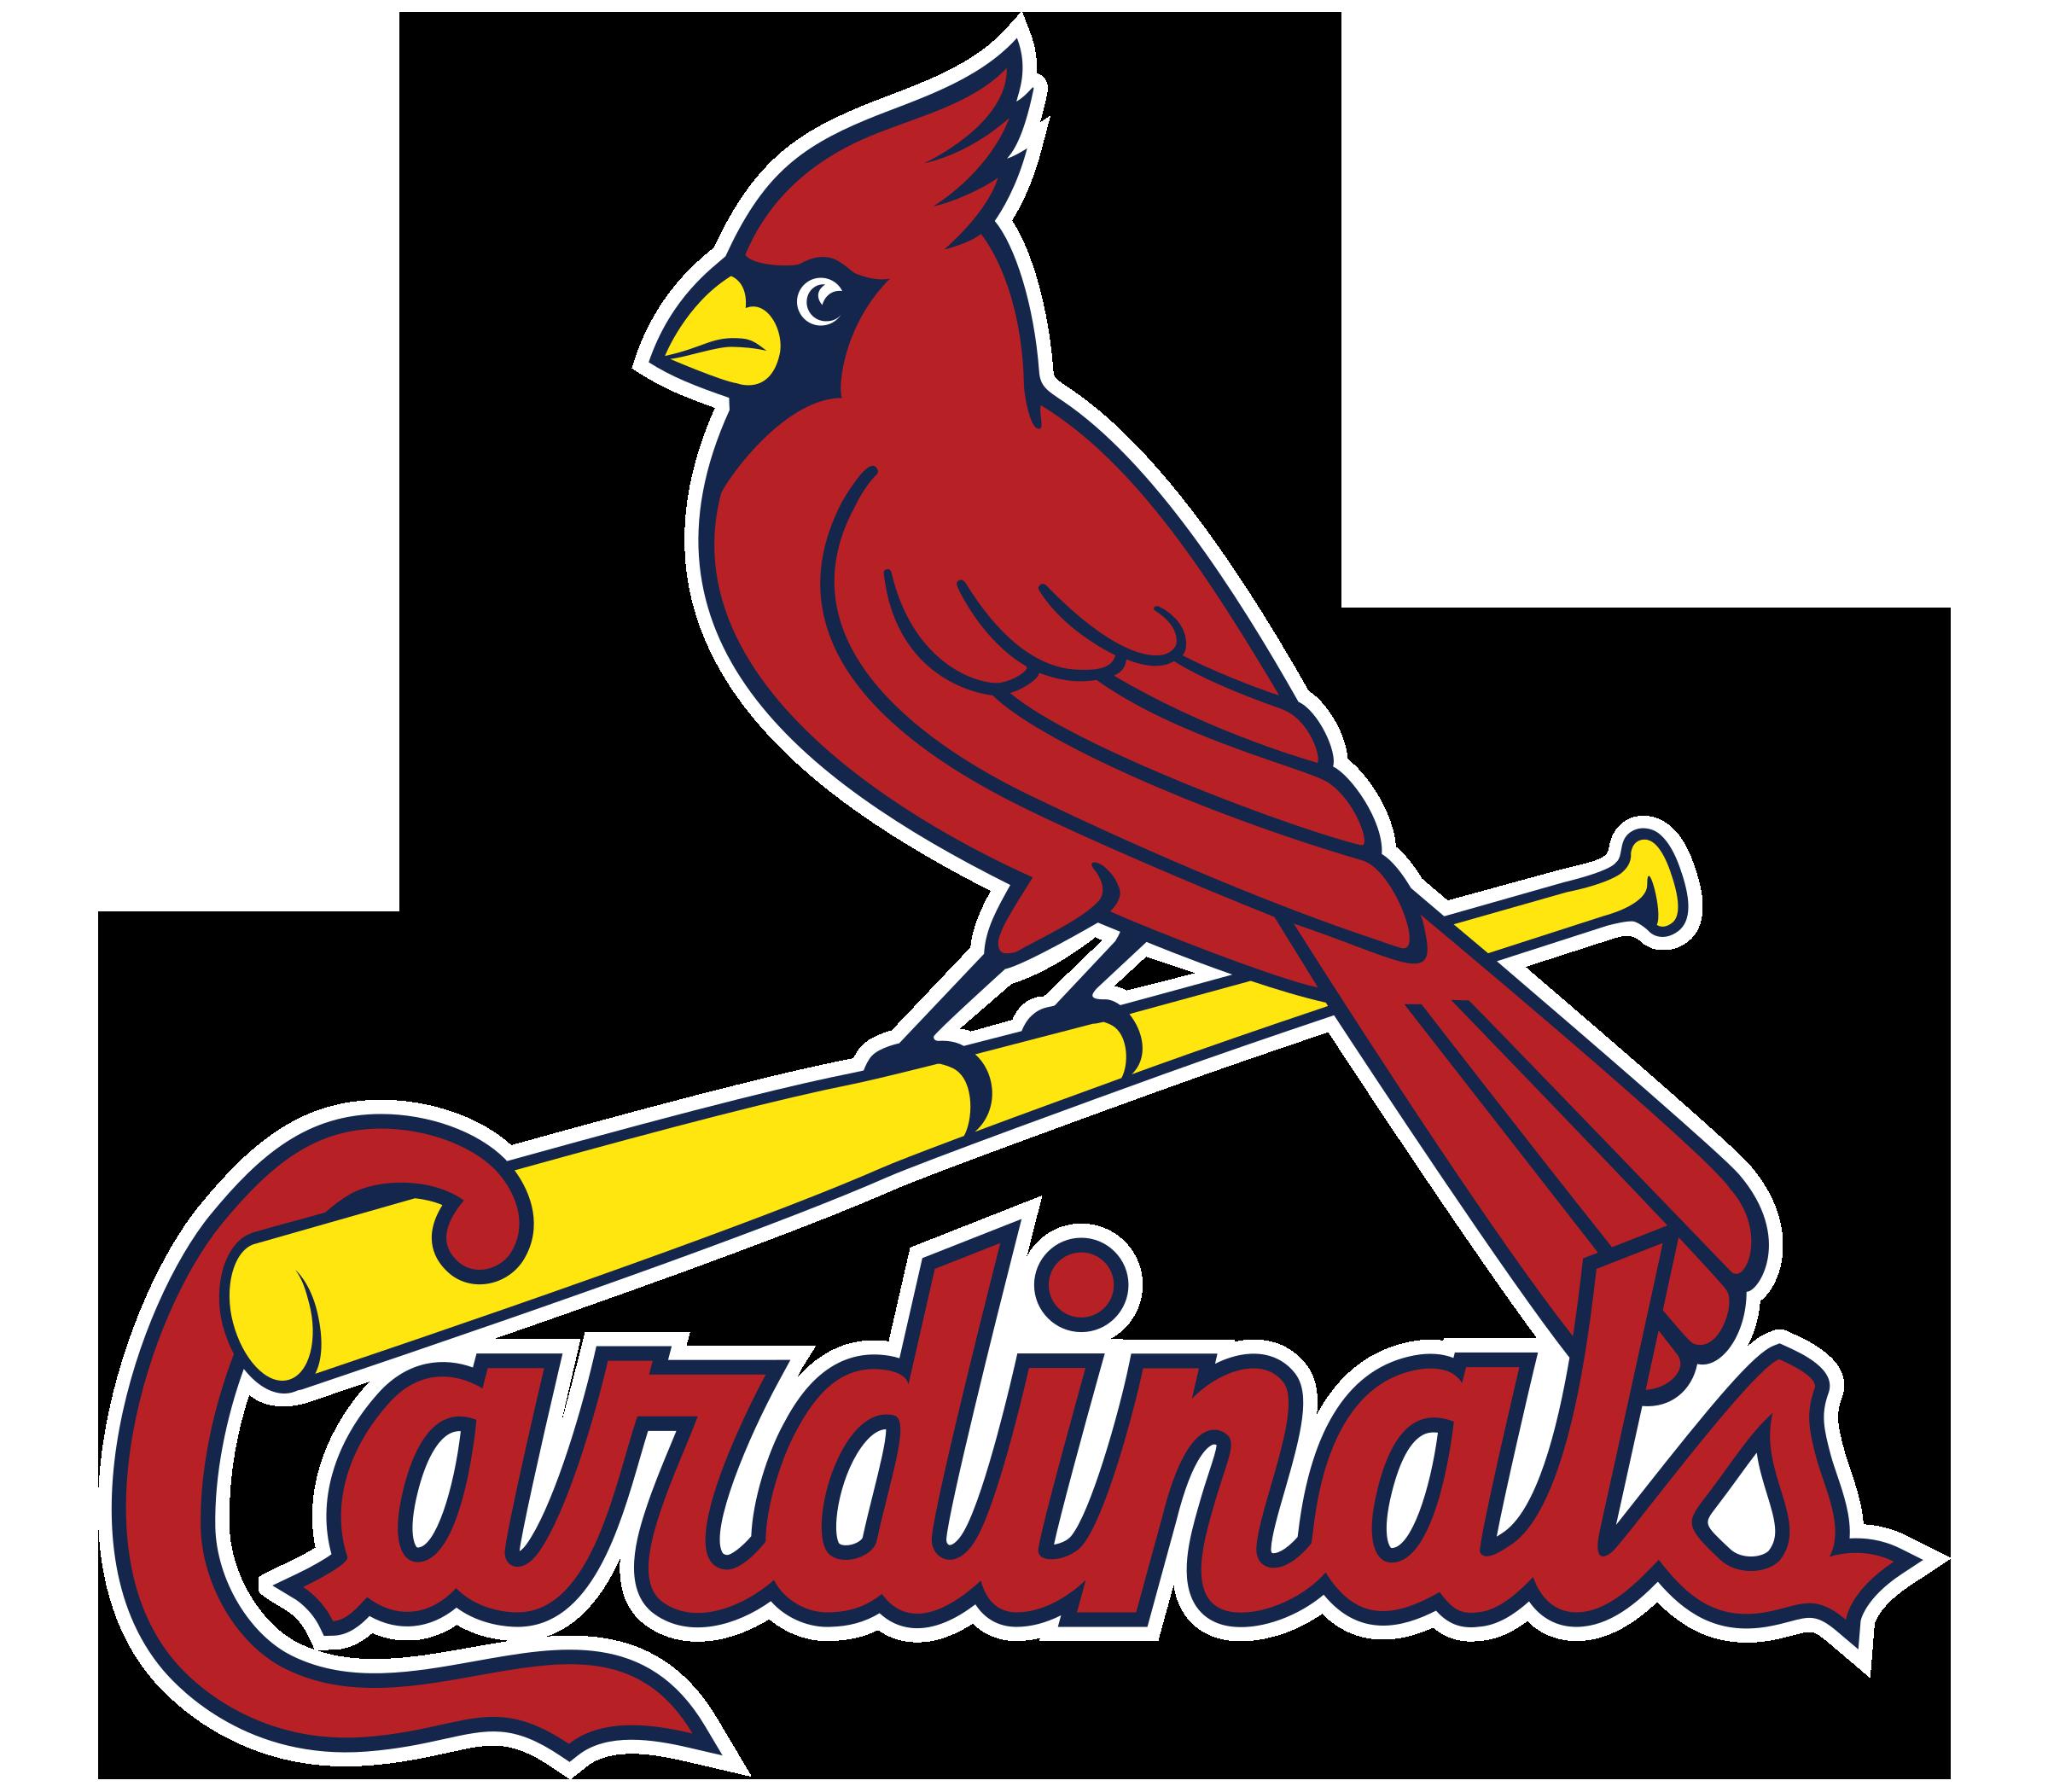 St Louis Cardinals Logo Transparent